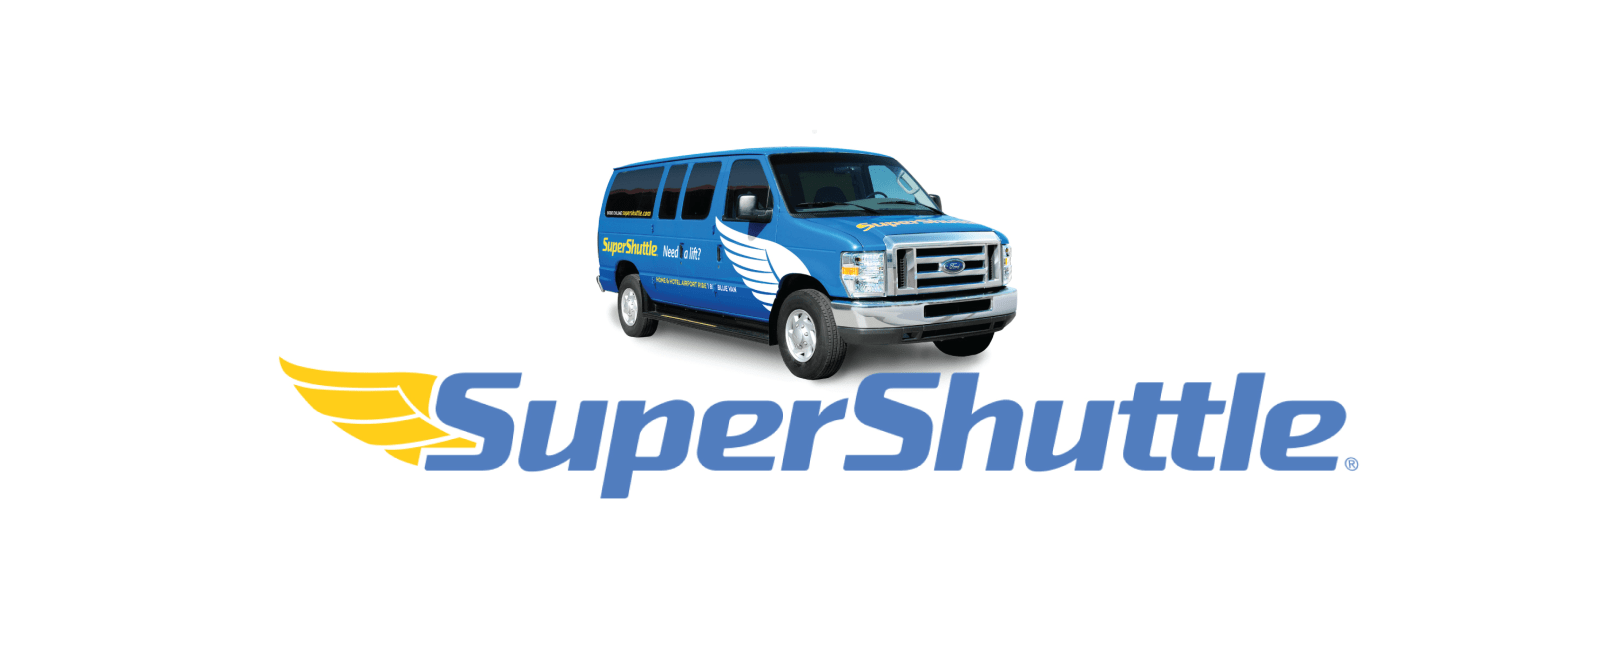 Super shuttle q7wqaq